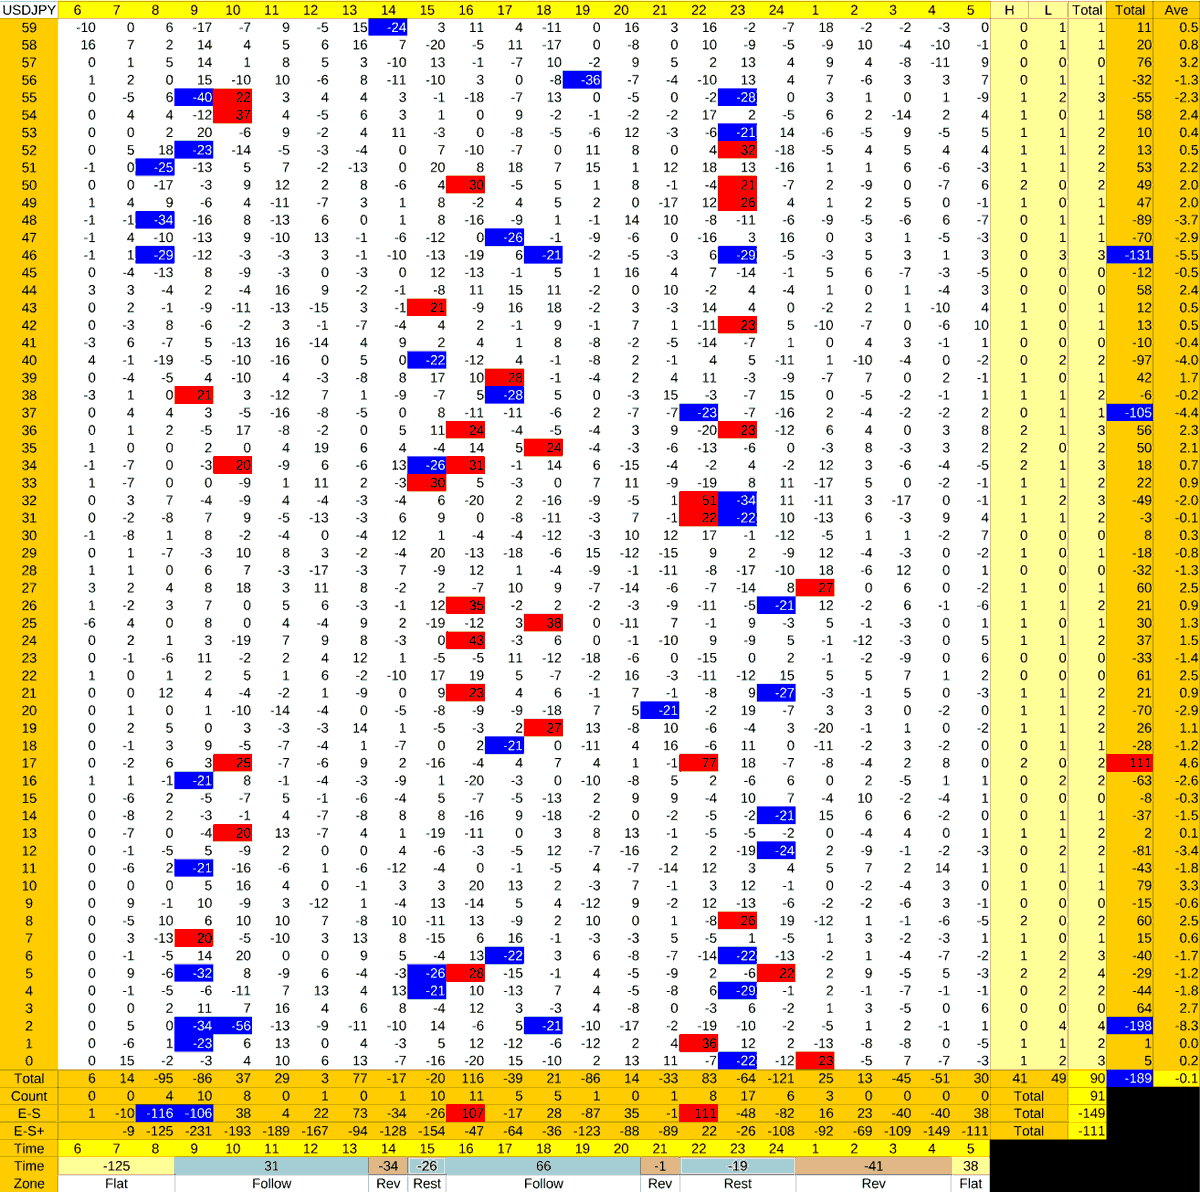 20210414_HS(1)USDJPY